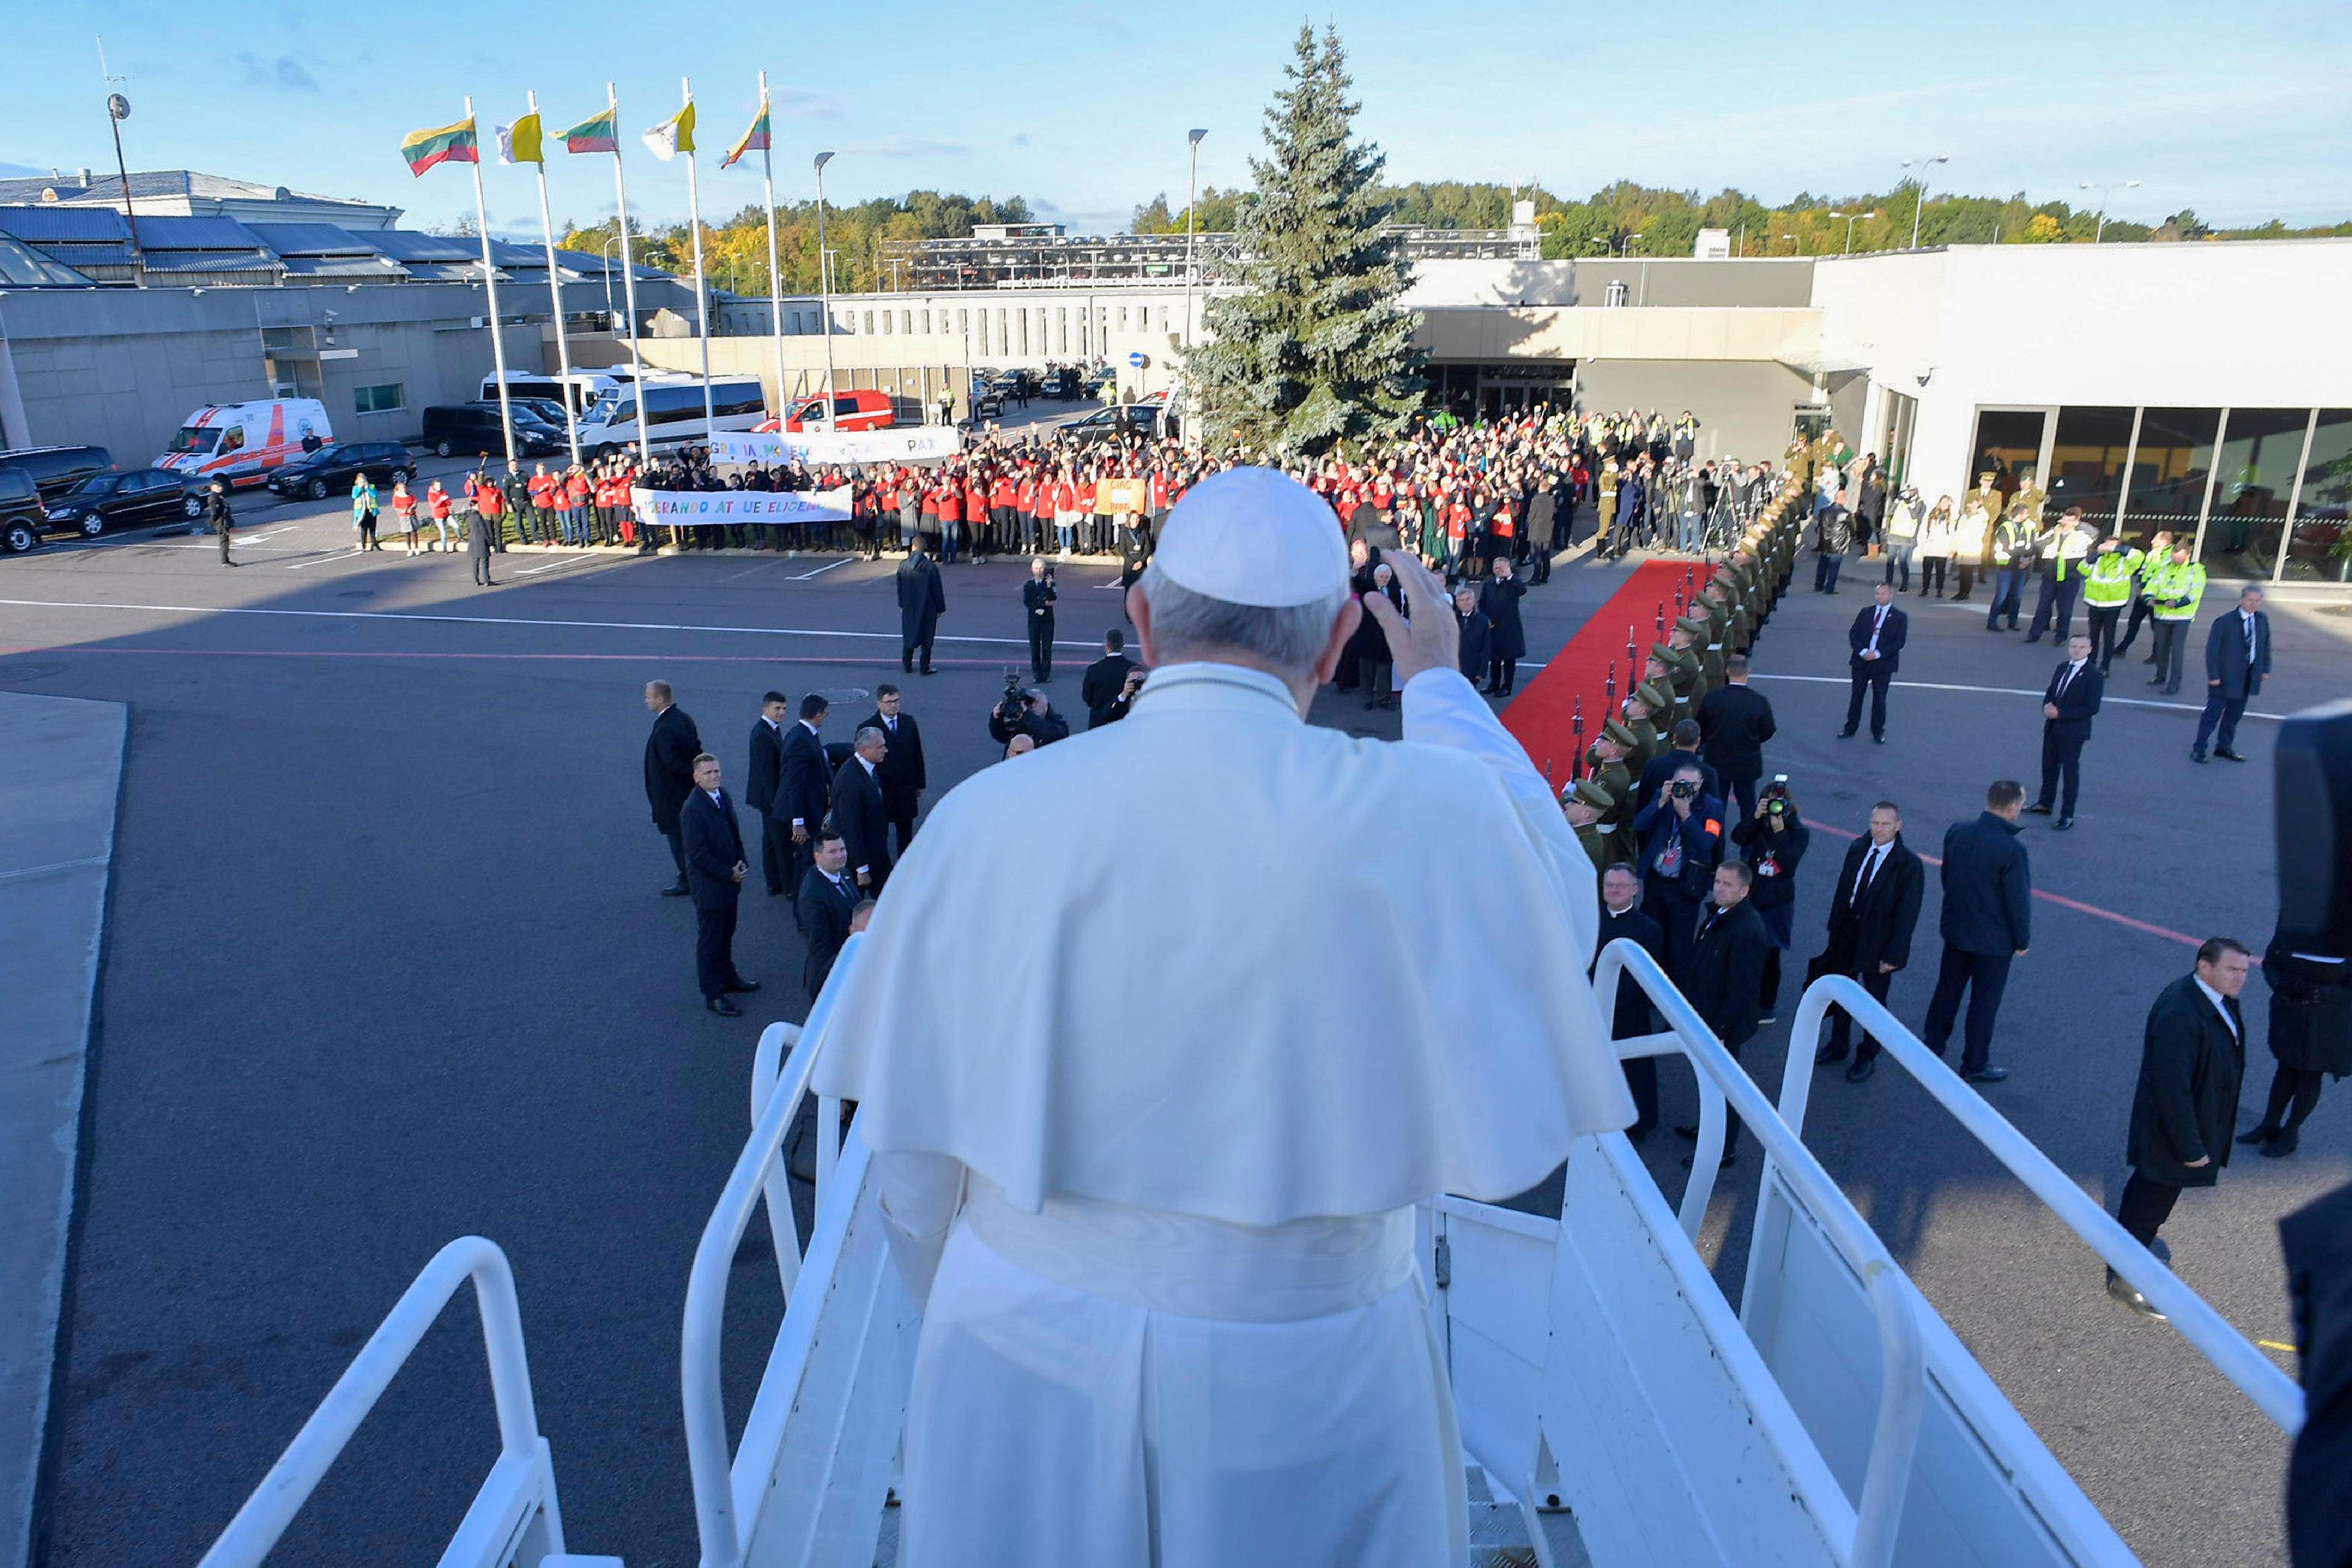 وصول البابا فرنسيس لاستونيا